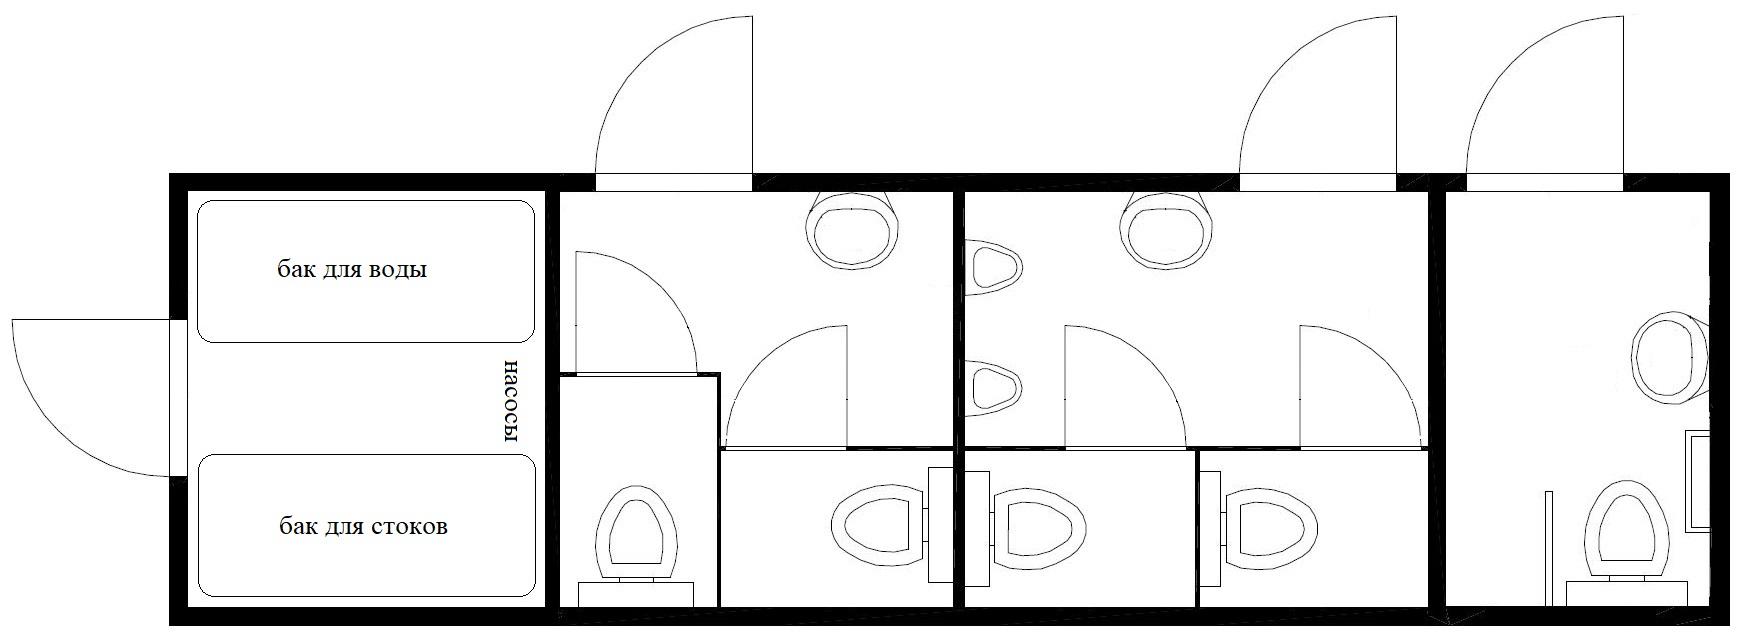 планировка модульного туалета 10метров 2м2ж+мгн автономный